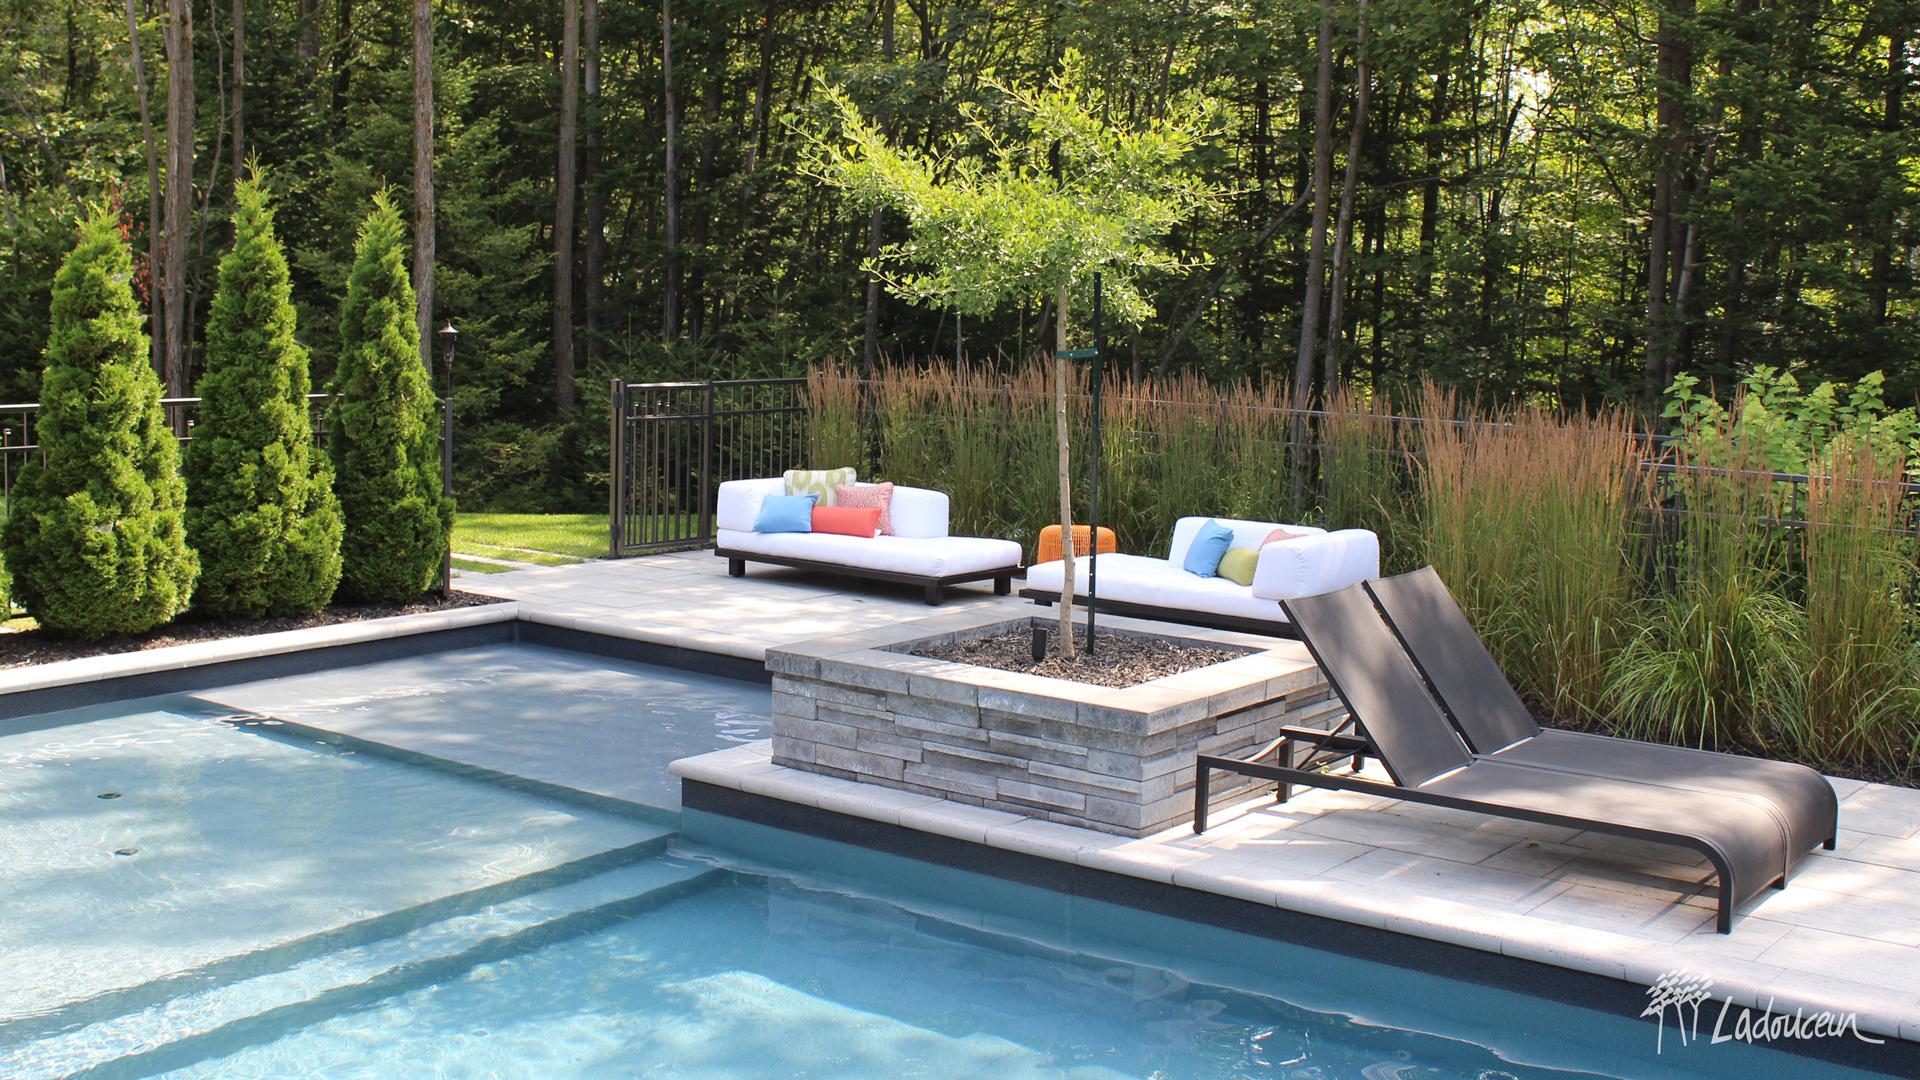 Espace détente en bordure de la piscine avec mobilier lounge et végétaux ladouceur